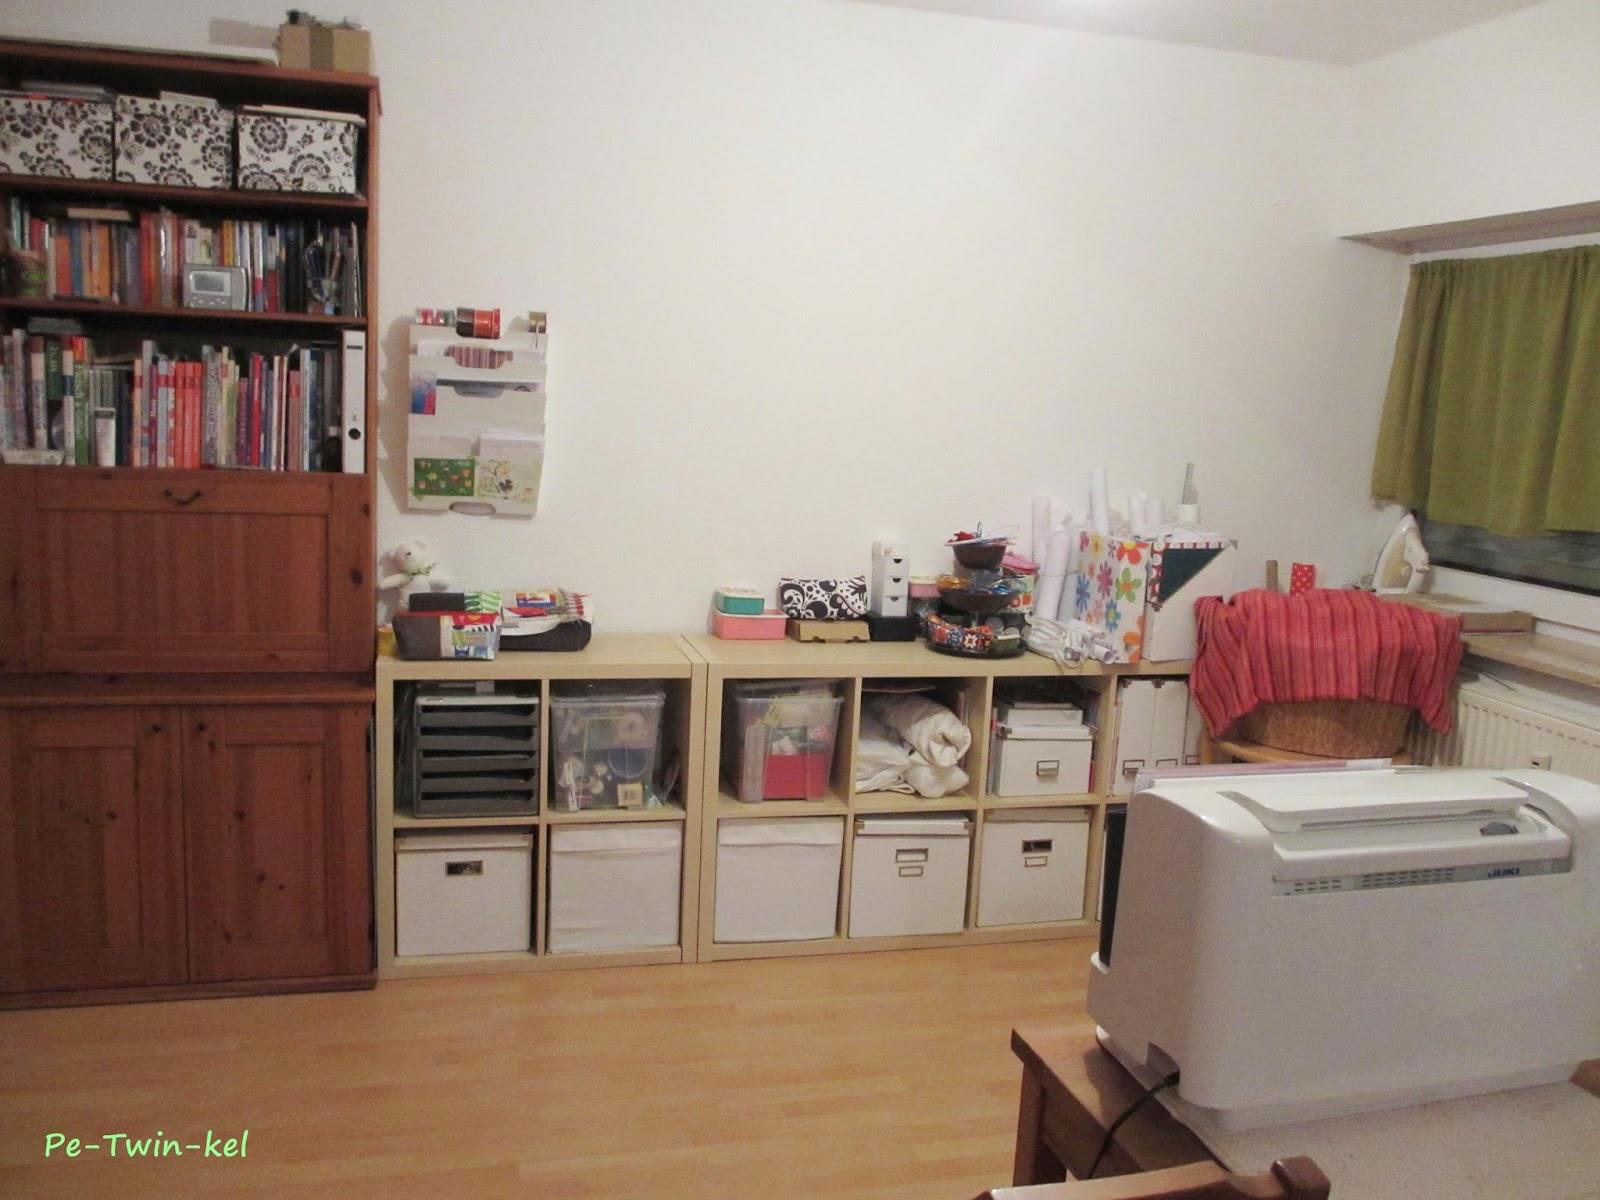 nähecke im wohnzimmer:So sieht es vom Wohnzimmerteil aus, in dem Regal unten sind